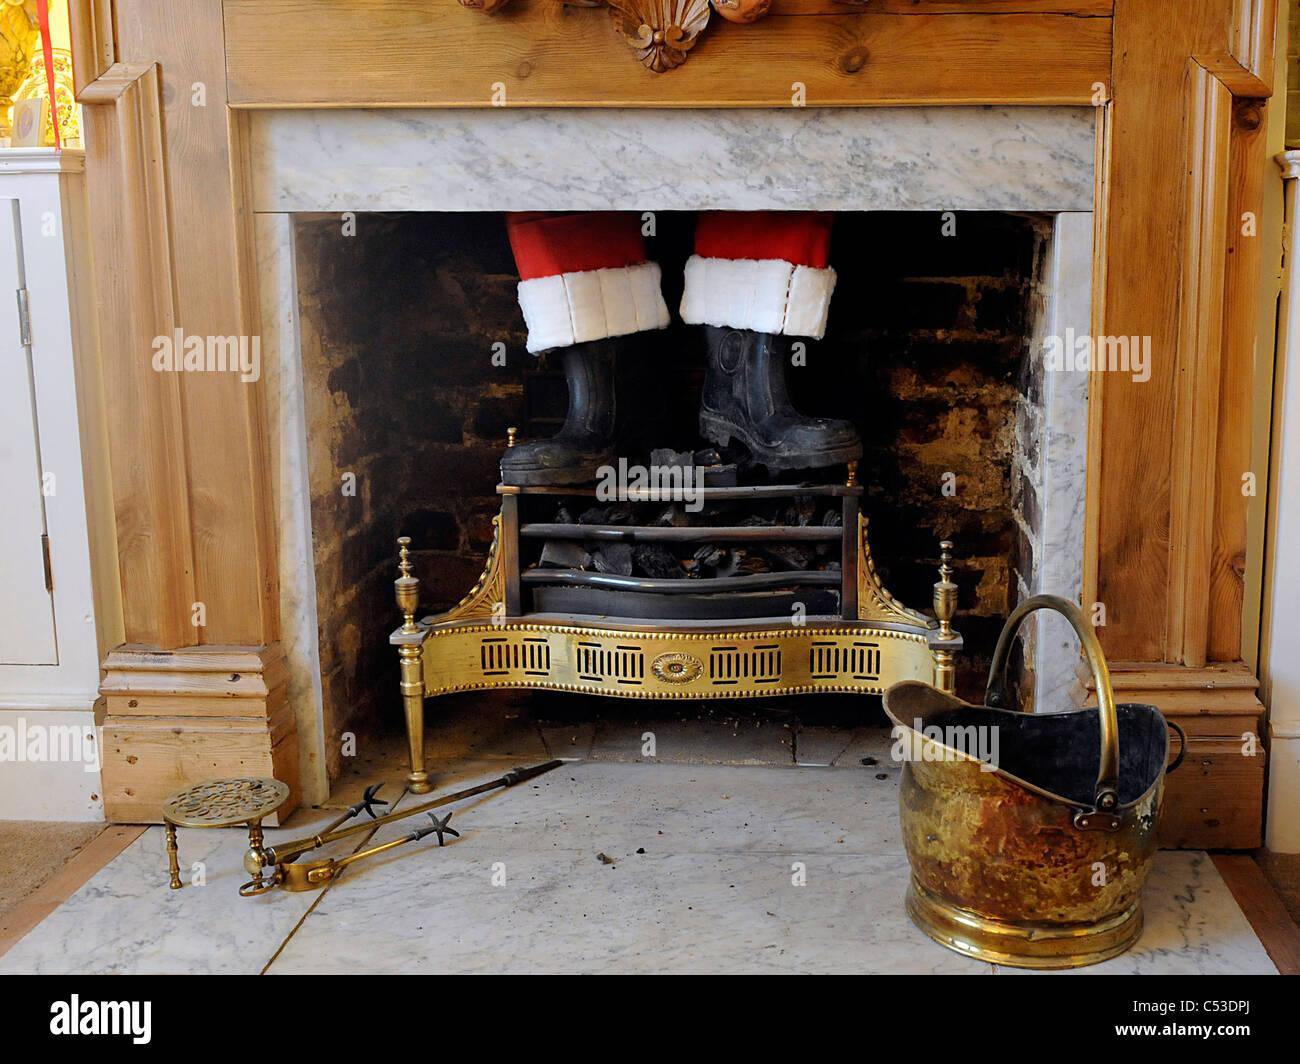 Camino Di Babbo Natale.Babbo Natale Bloccato Su Un Camino Foto Immagine Stock